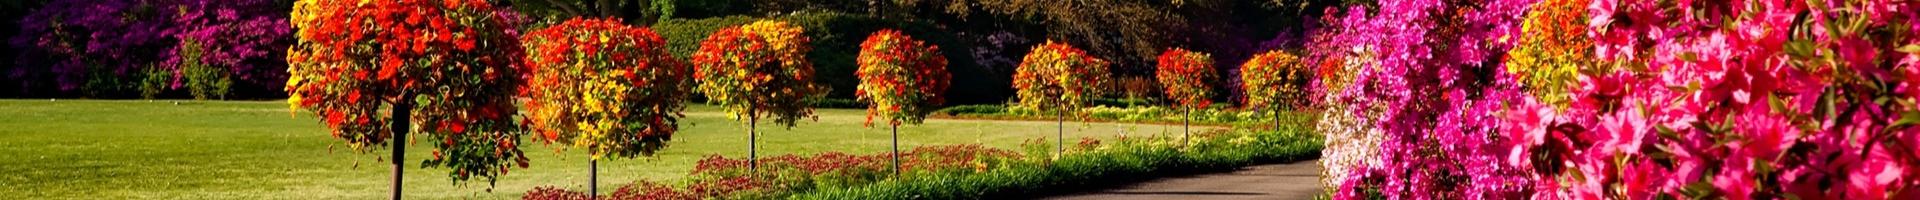 Pomi & arbusti